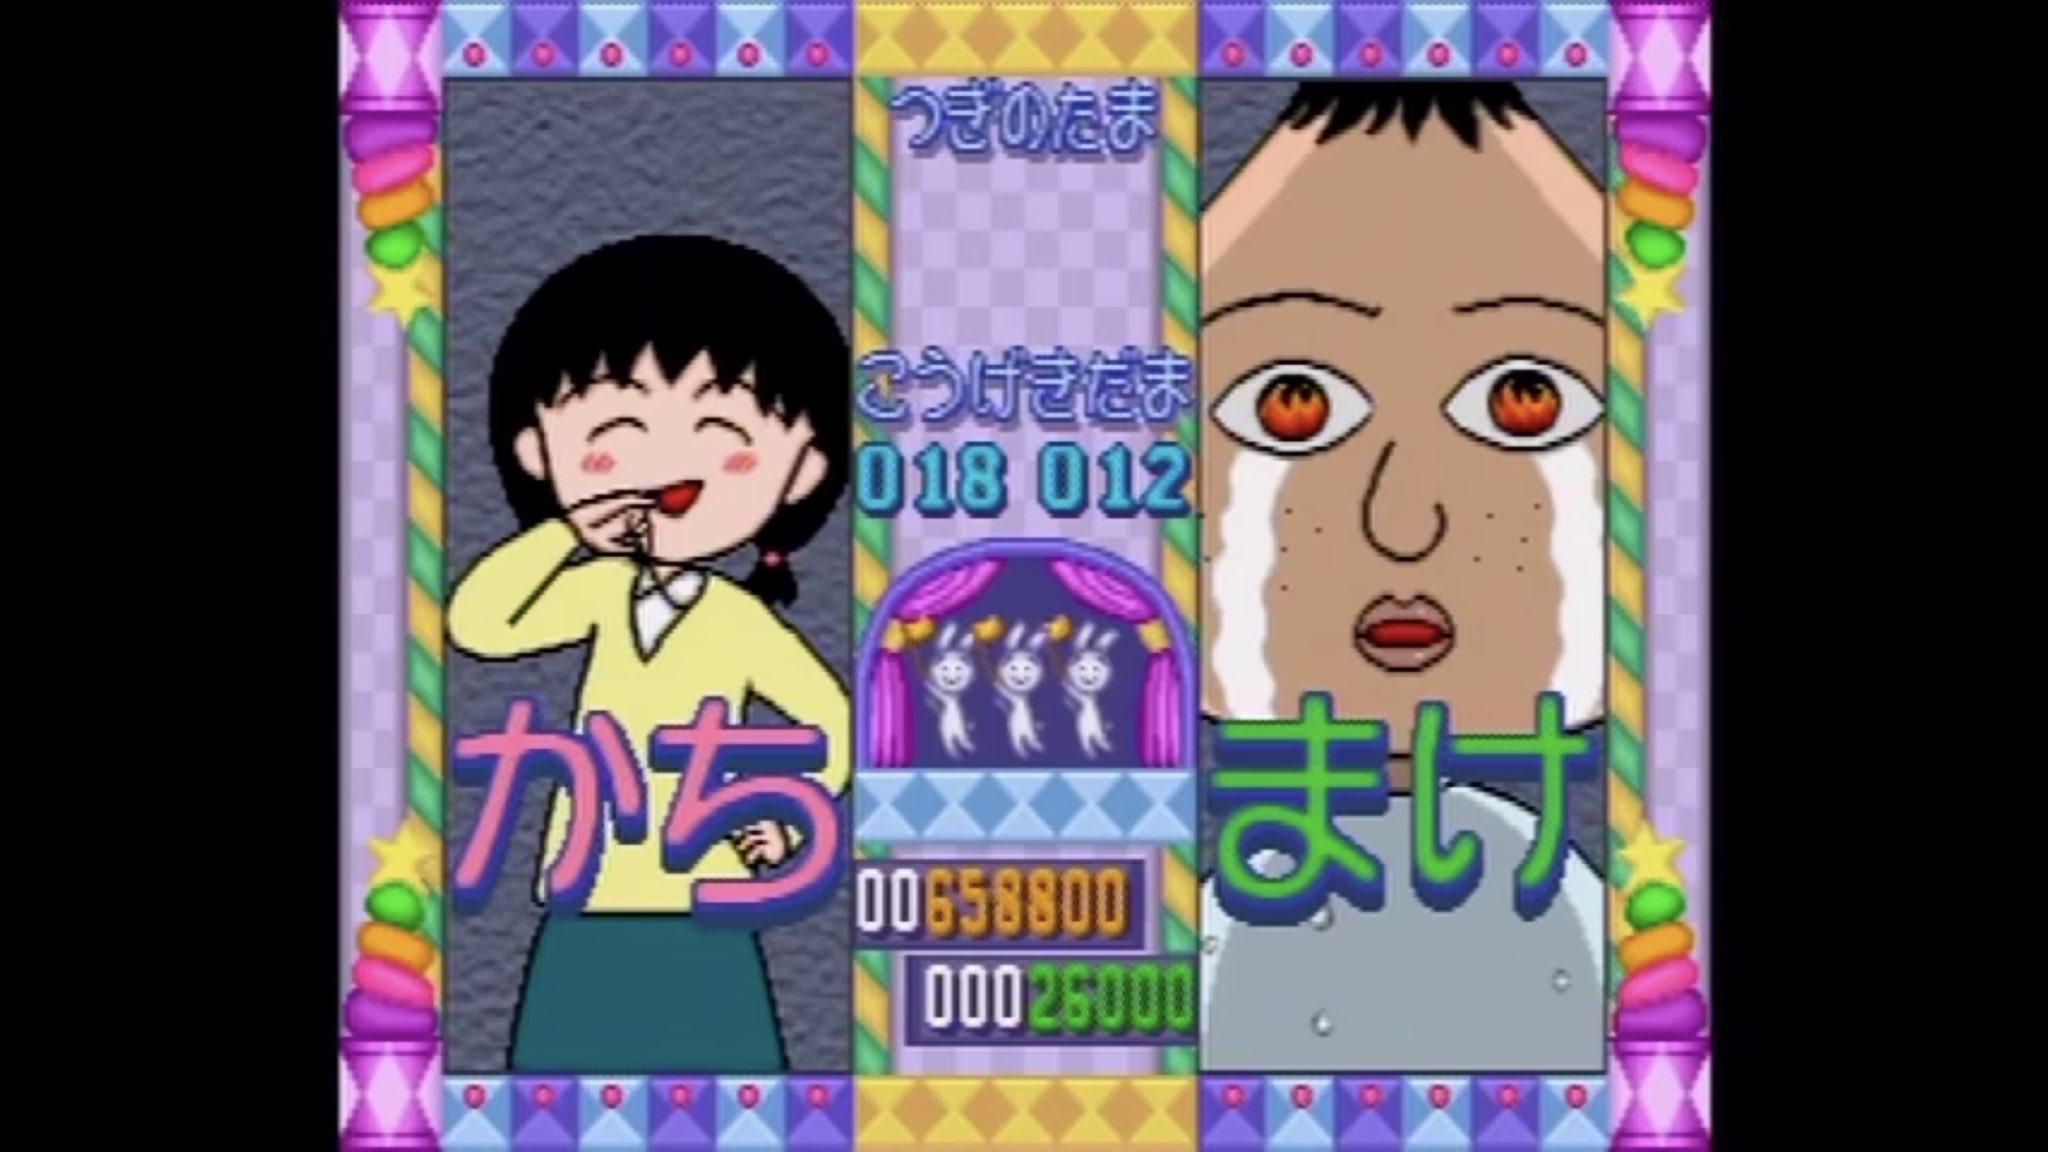 【画像】ちびまる子ちゃんのパズルゲーム、永沢君の敗北演出が酷すぎる